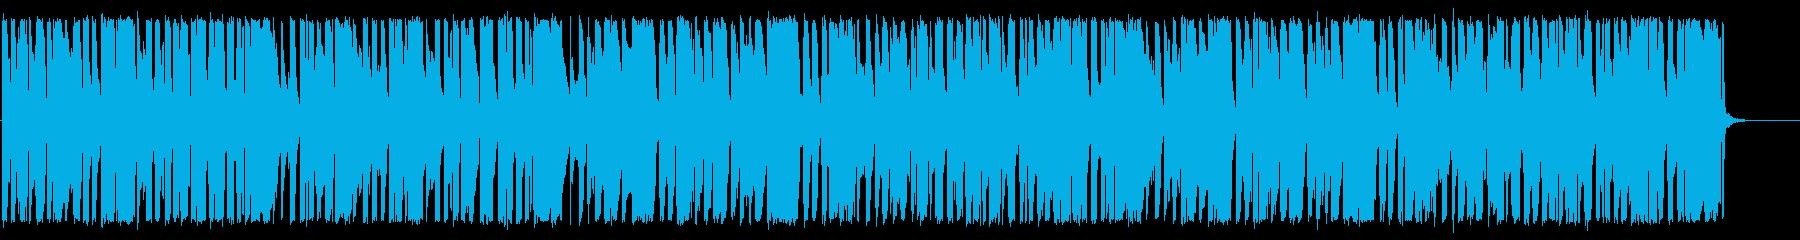 ほのぼのとした、アナログ感あるBGM♪の再生済みの波形